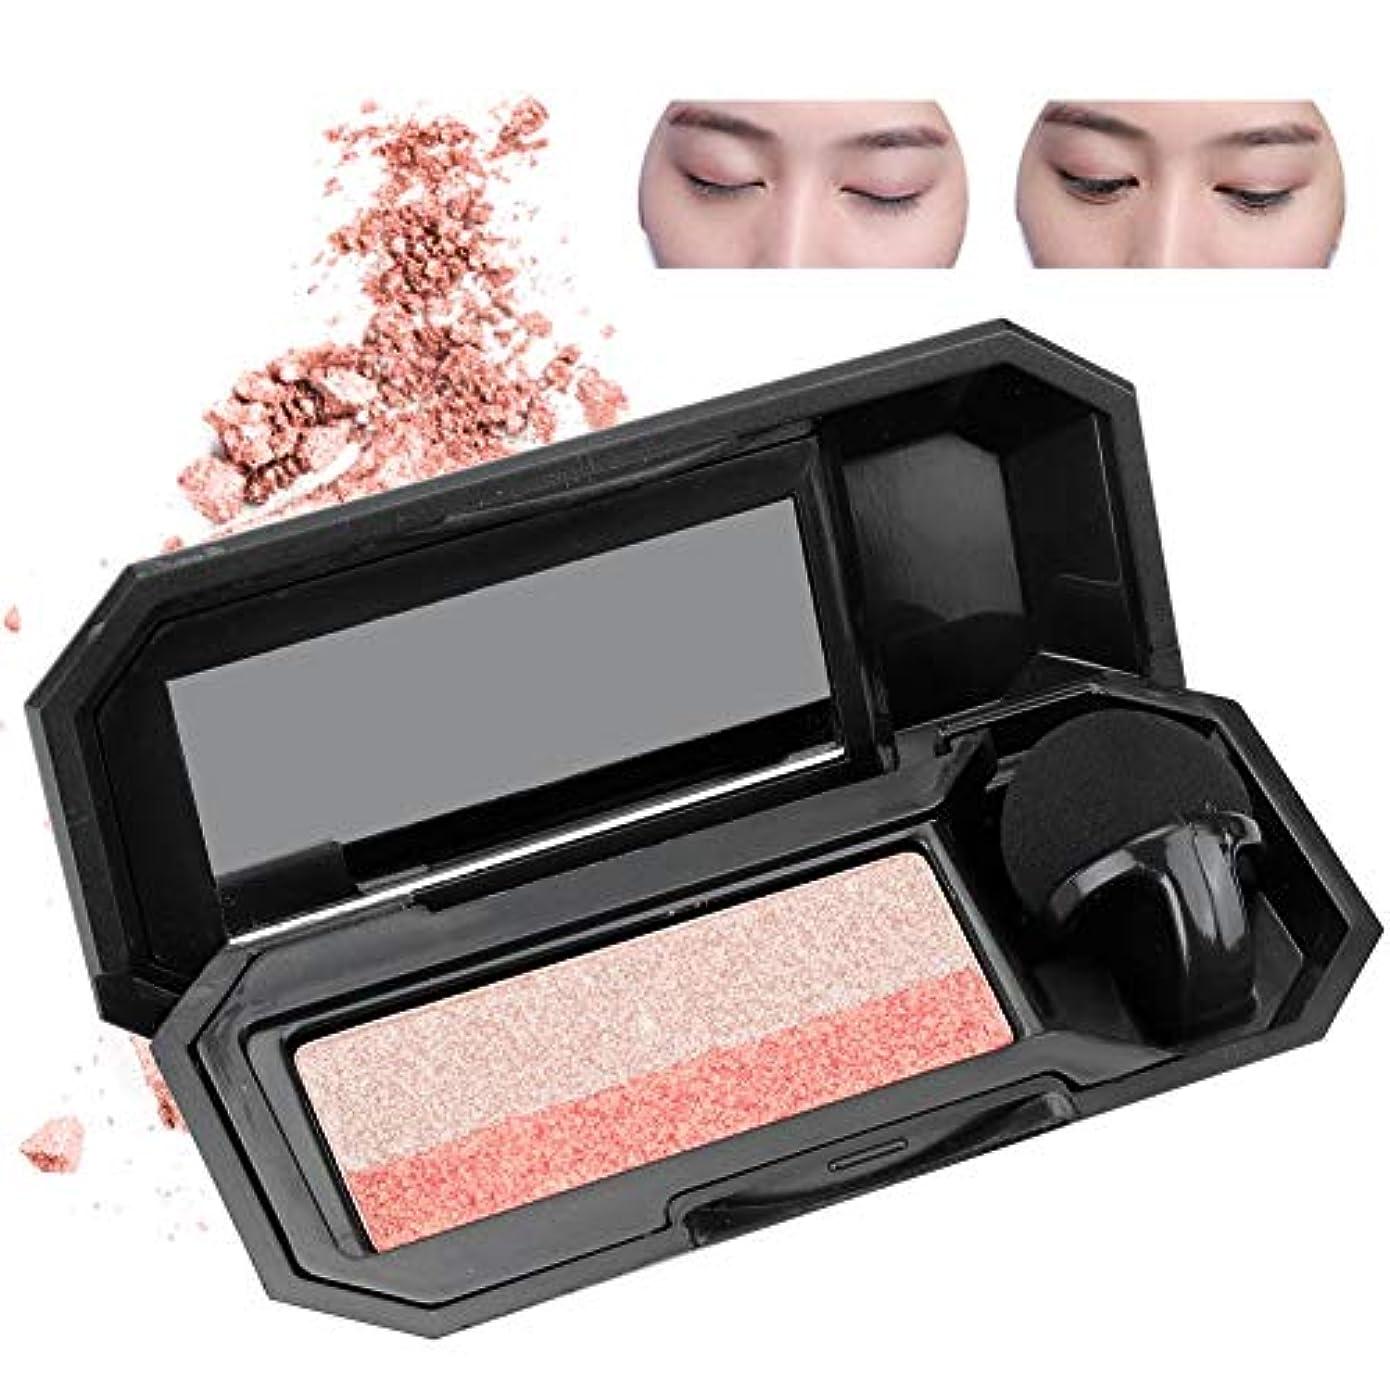 ダブルカラーレイジーアイシャドウパレットアイシャドウ 化粧品ツール メイクアップ(2)